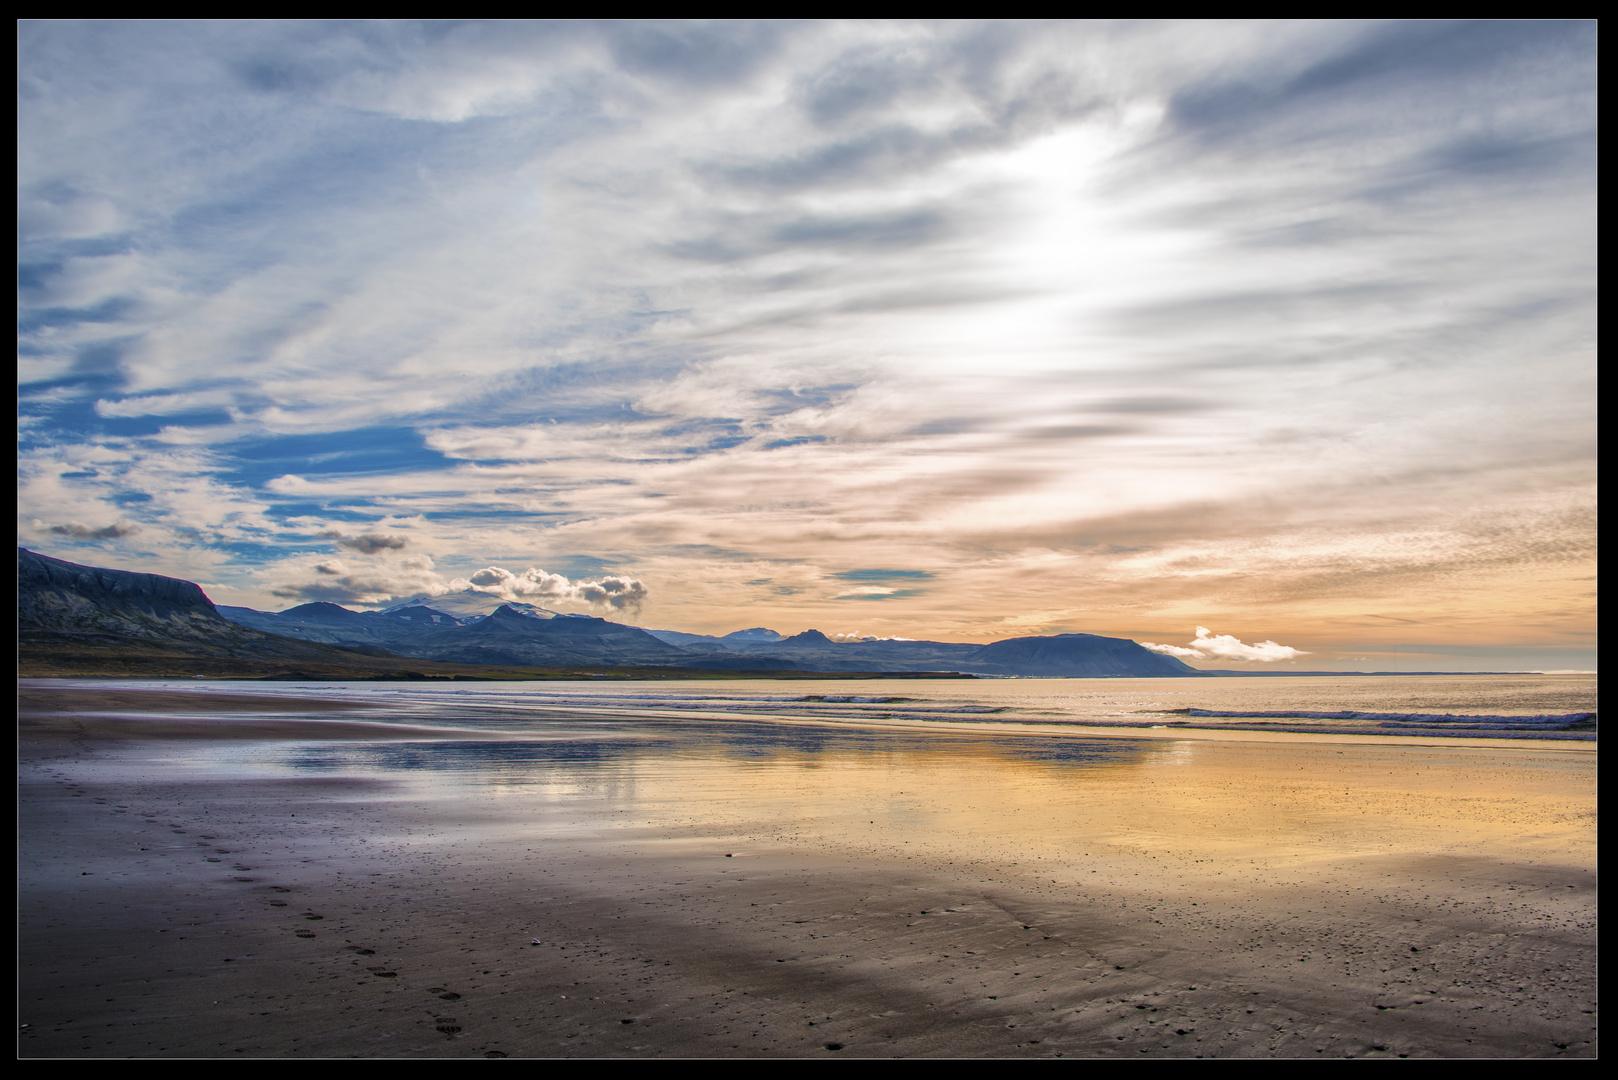 Les pas dans le sable